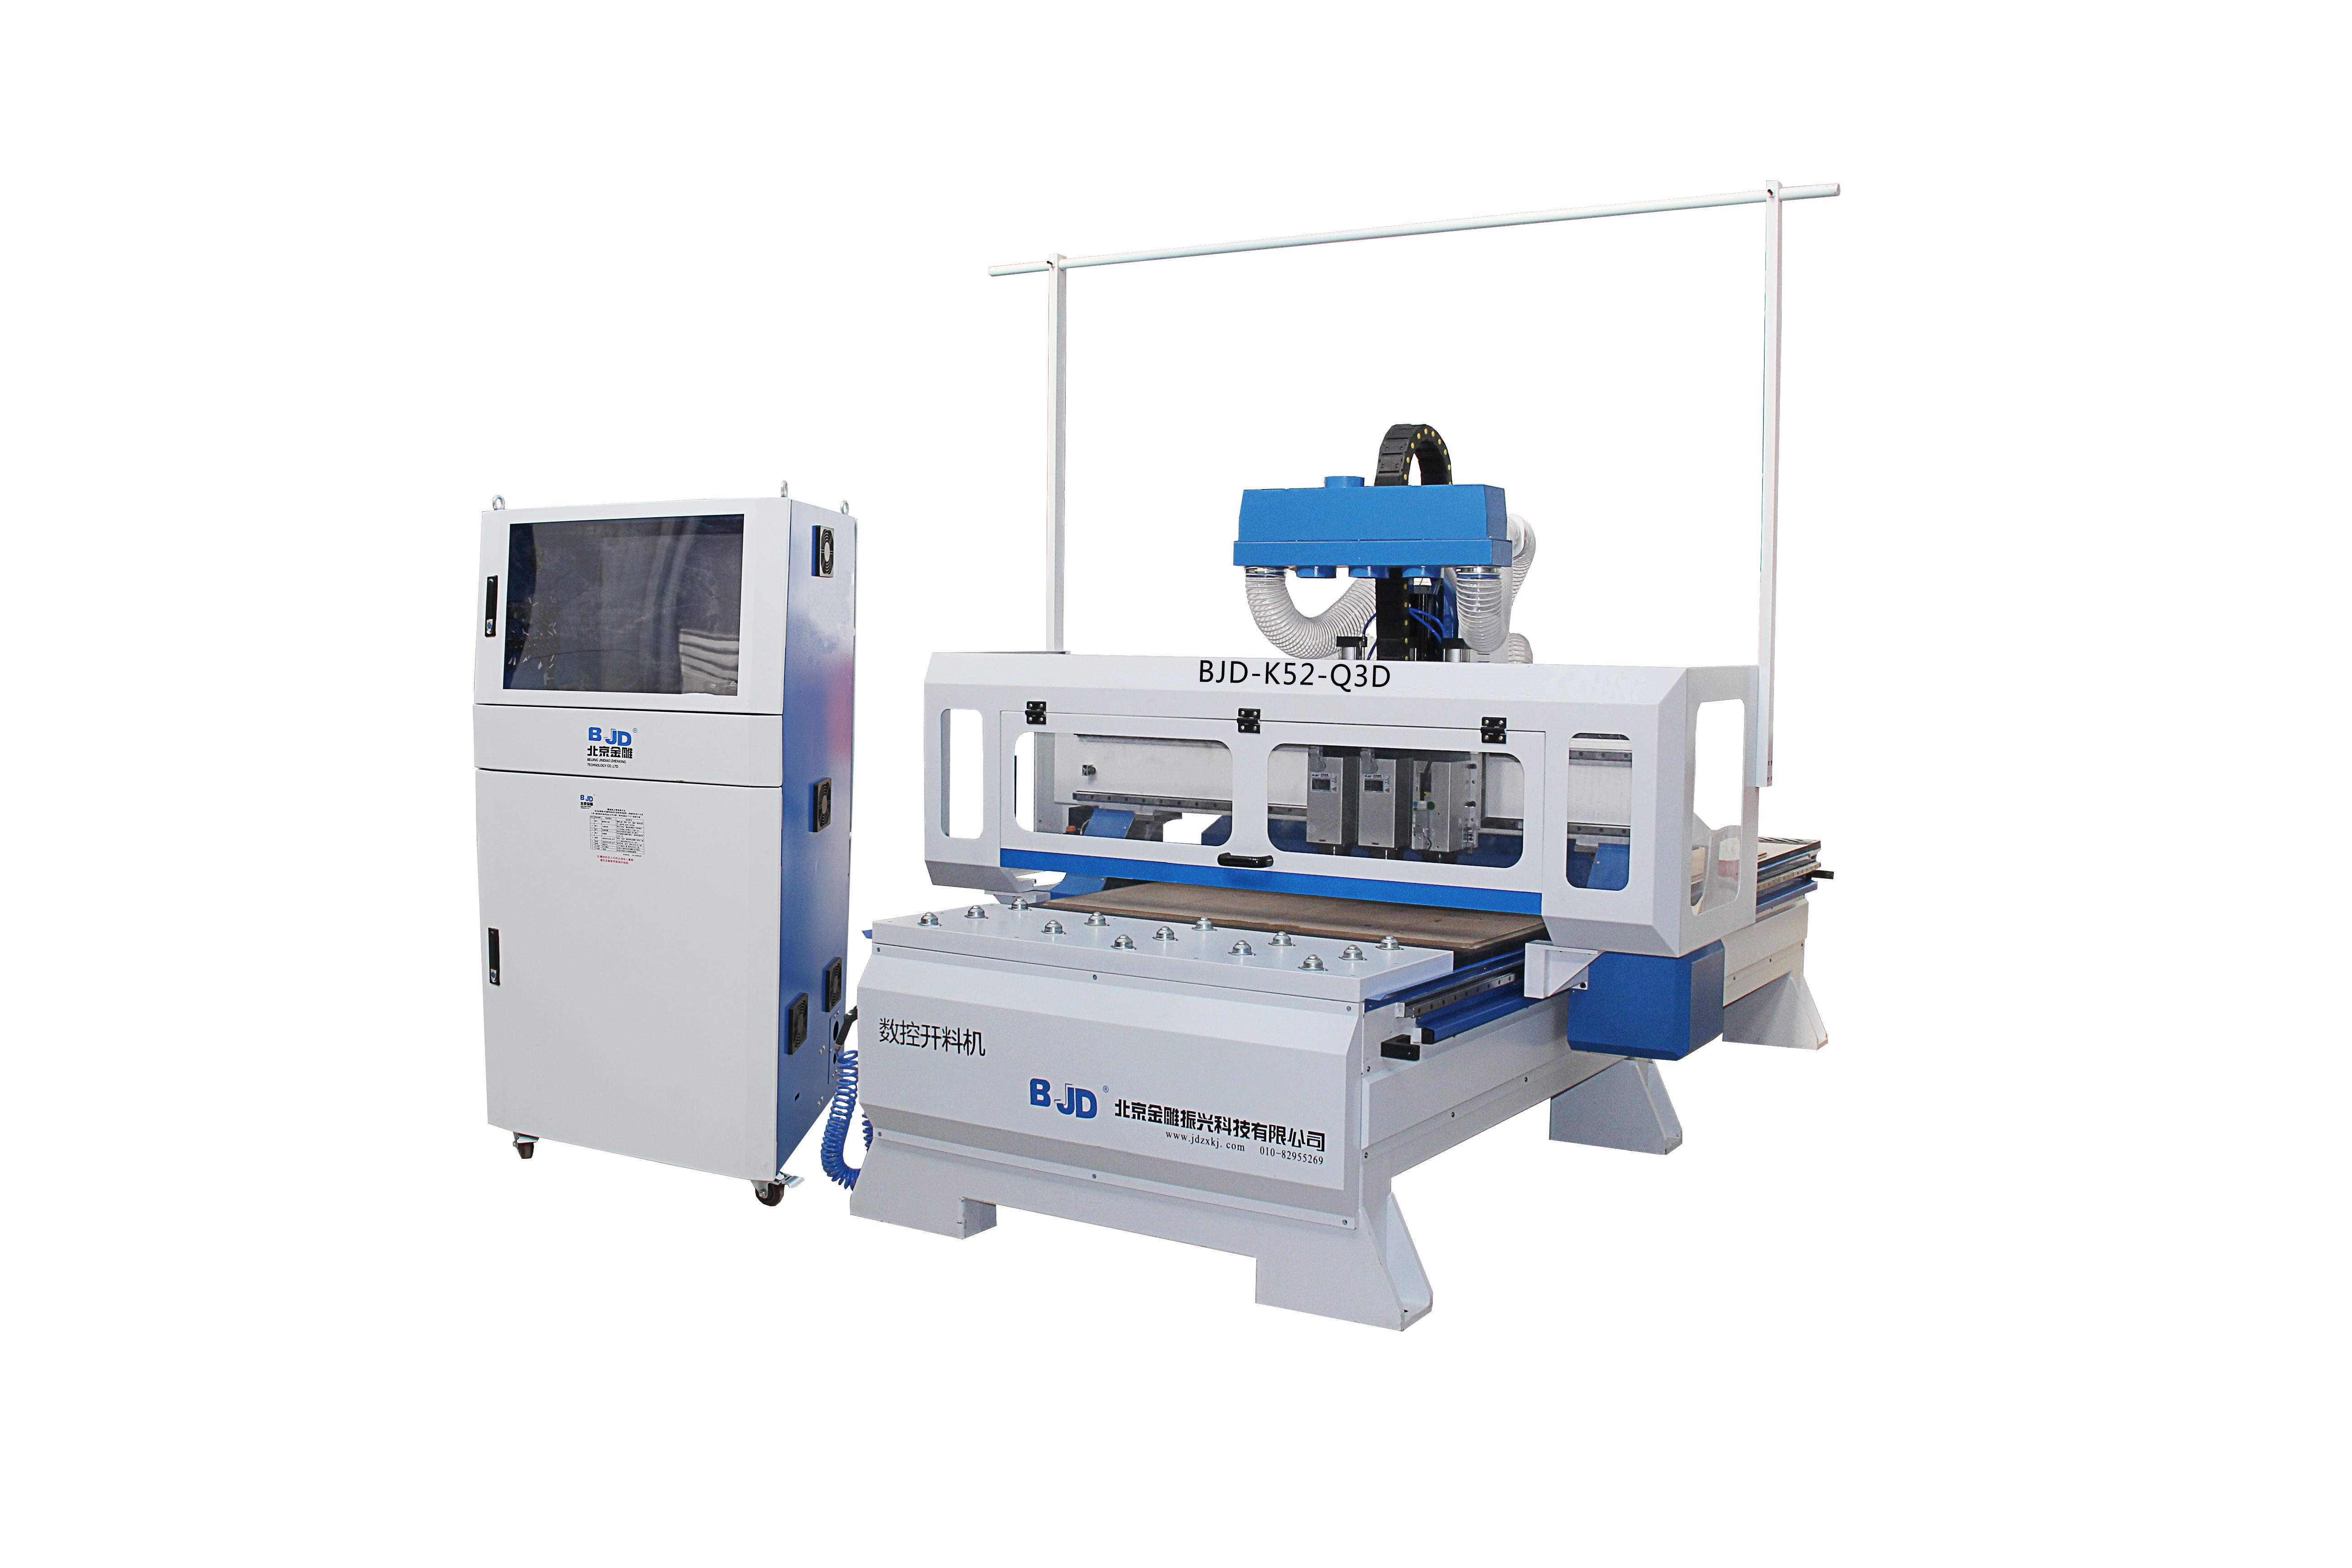 BJD-K52-Q3D数控锯,木工高速雕刻机